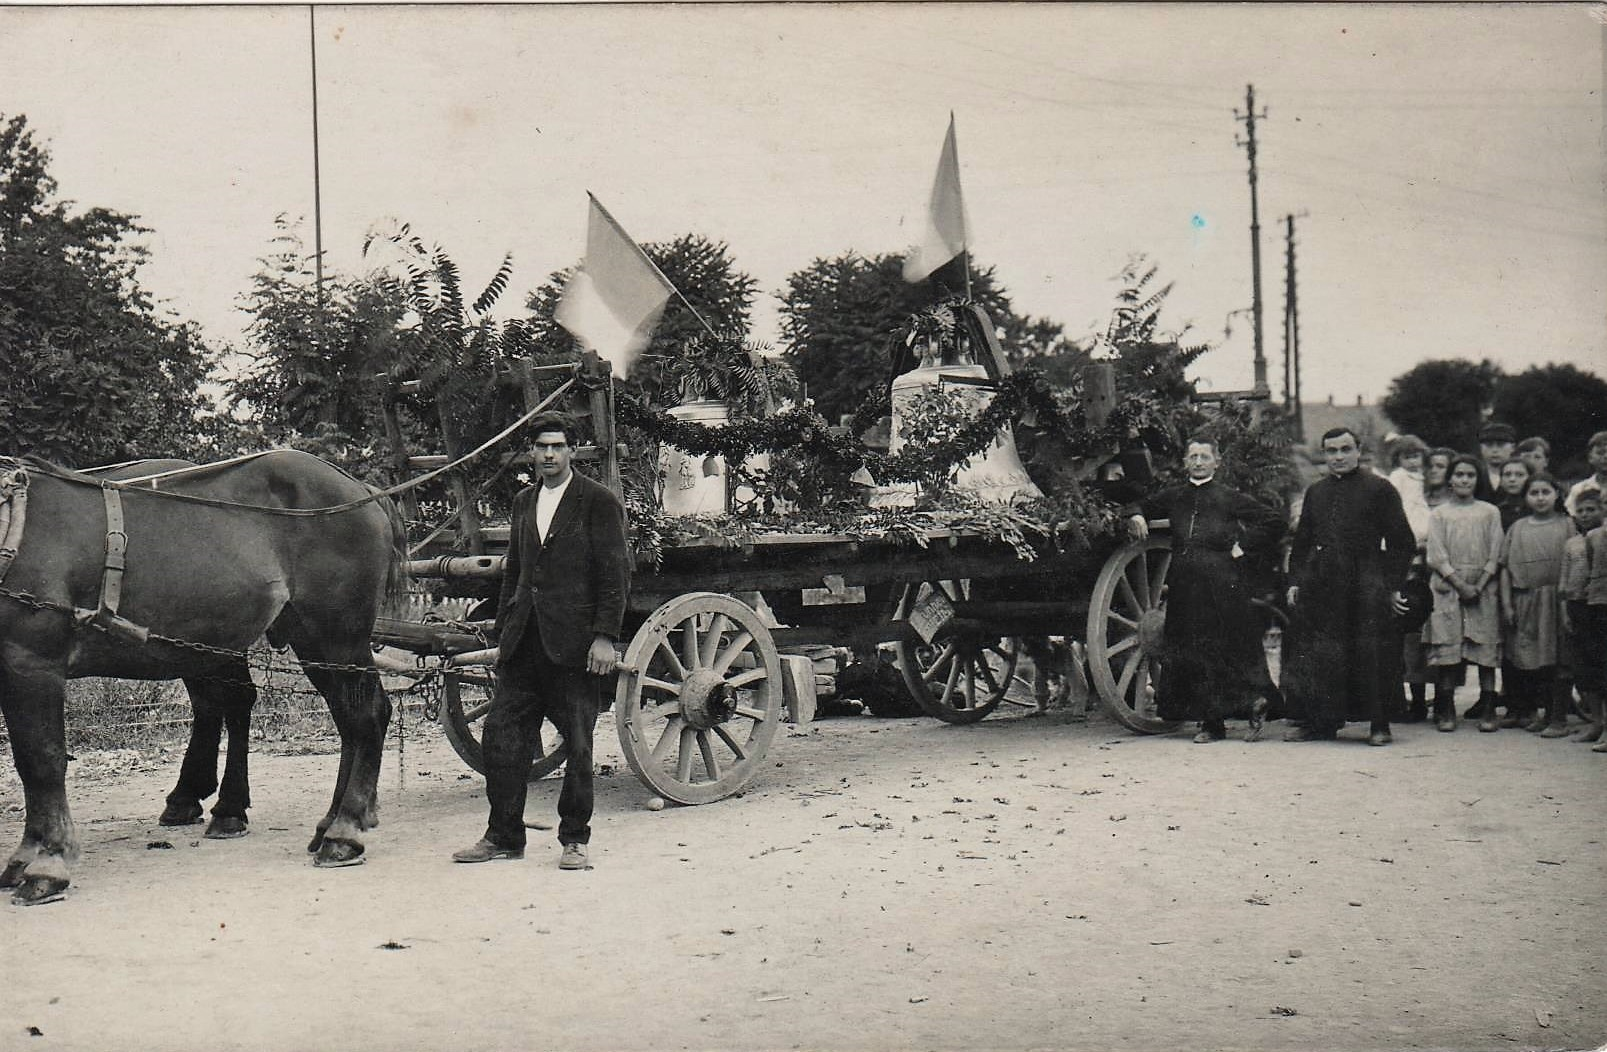 En juillet 1924, les deux cloches fondues par Louis Debaille, à Jeumont, dans le Nord, arrivent en gare de Rixheim.